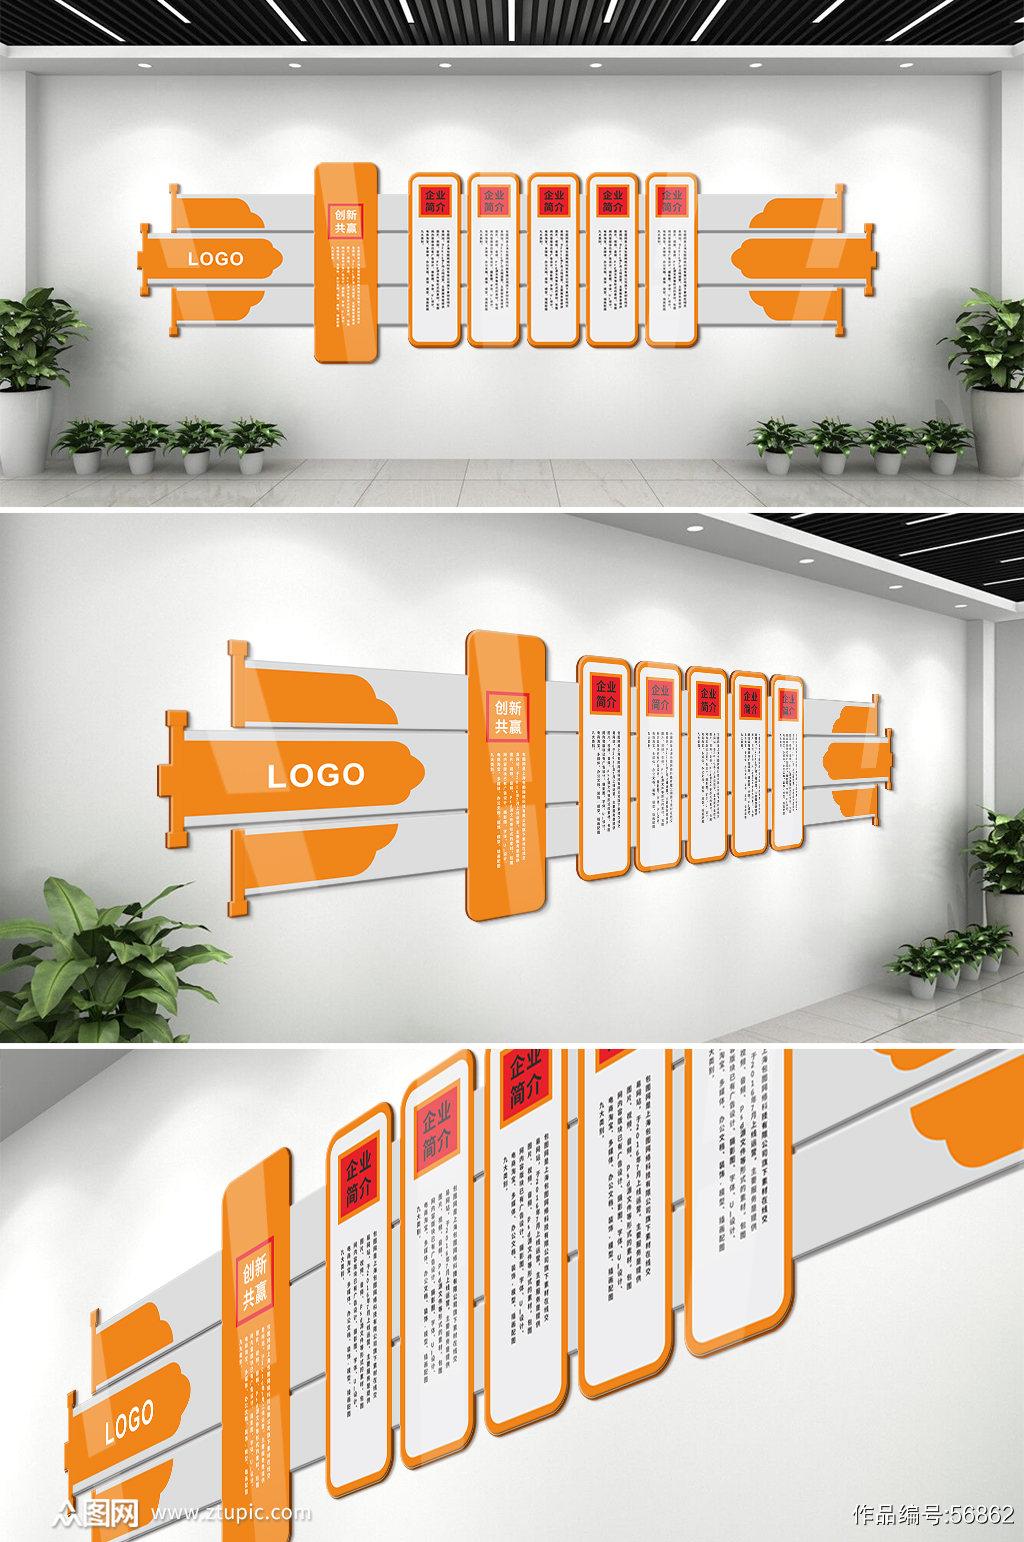 中式企业文化墙形象墙设计图素材